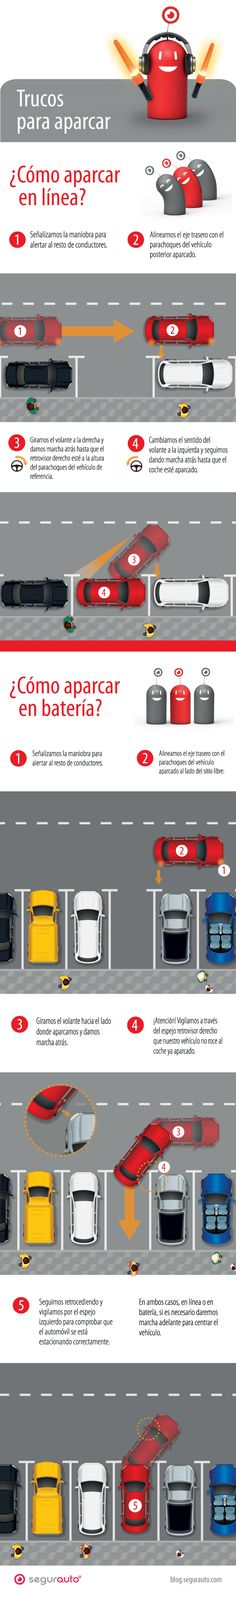 Infografía – Trucos para aparcar en batería y en línea